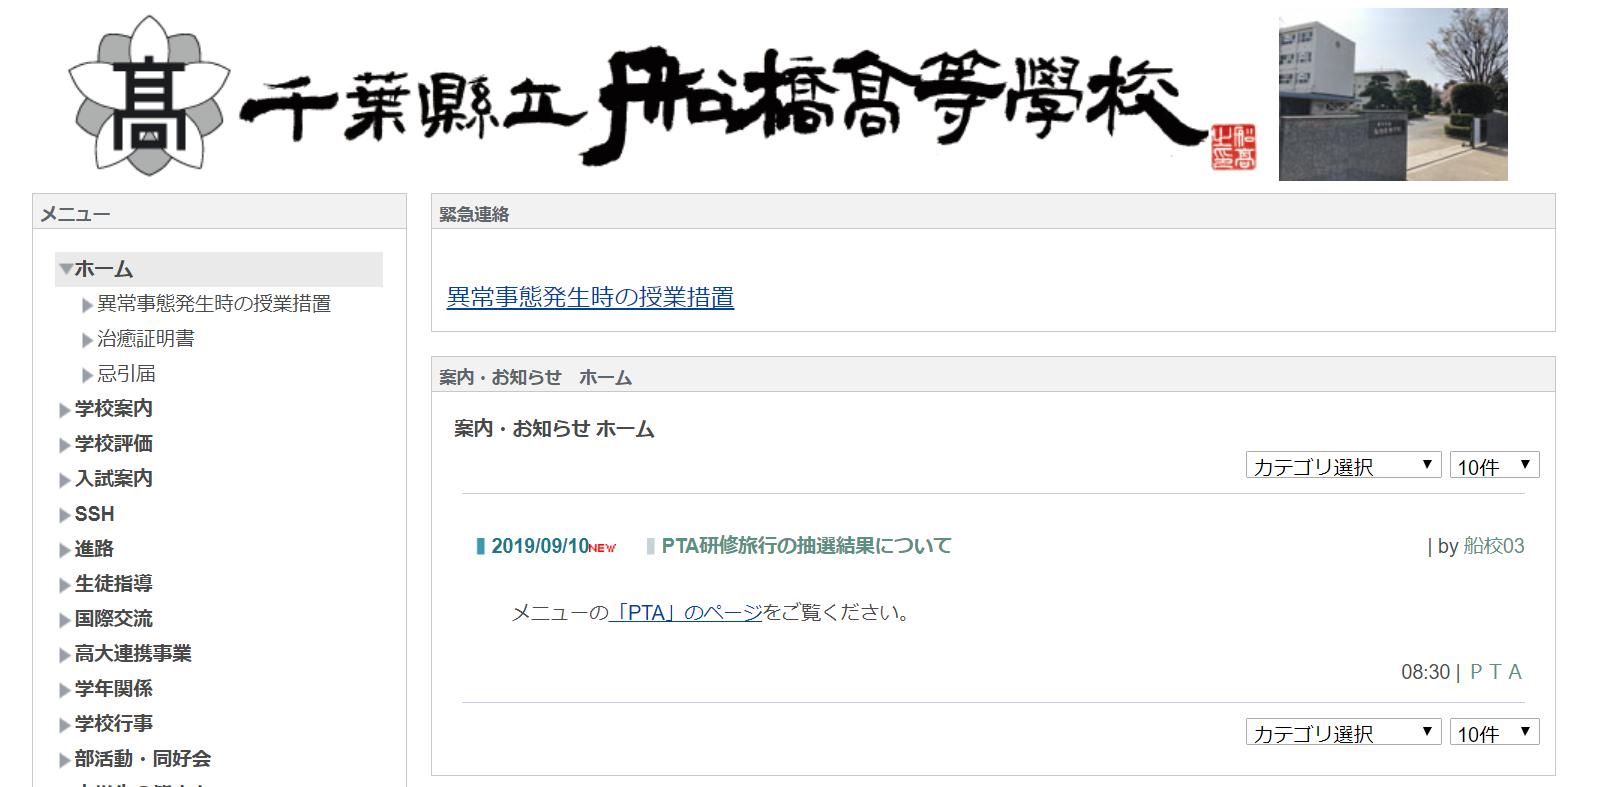 県立船橋高校の口コミ・評判